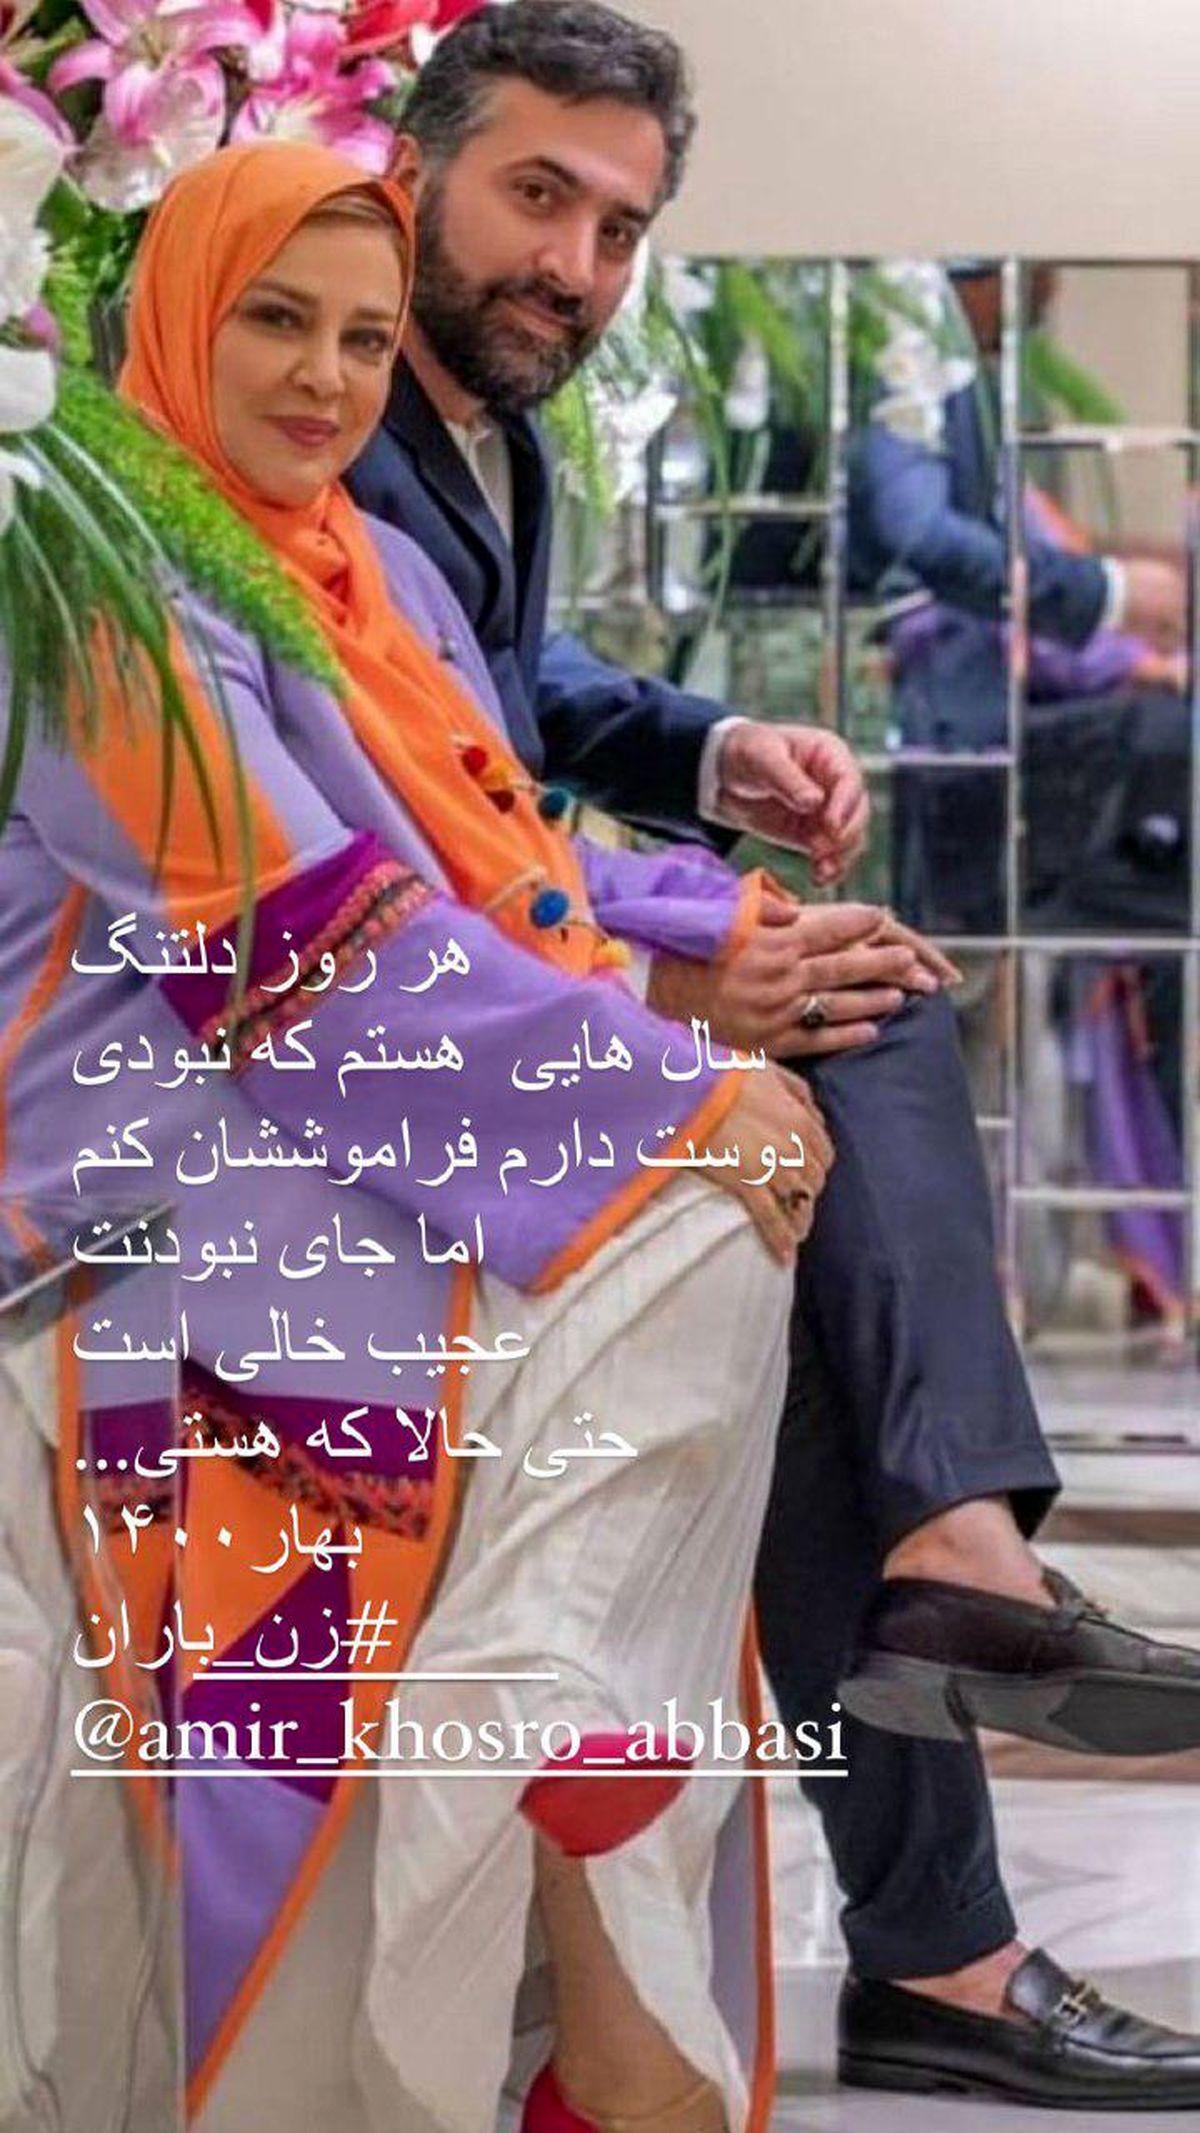 عکس عاشقانه بهاره رهنما با حاجی و دامن کوتاه و بدن نما